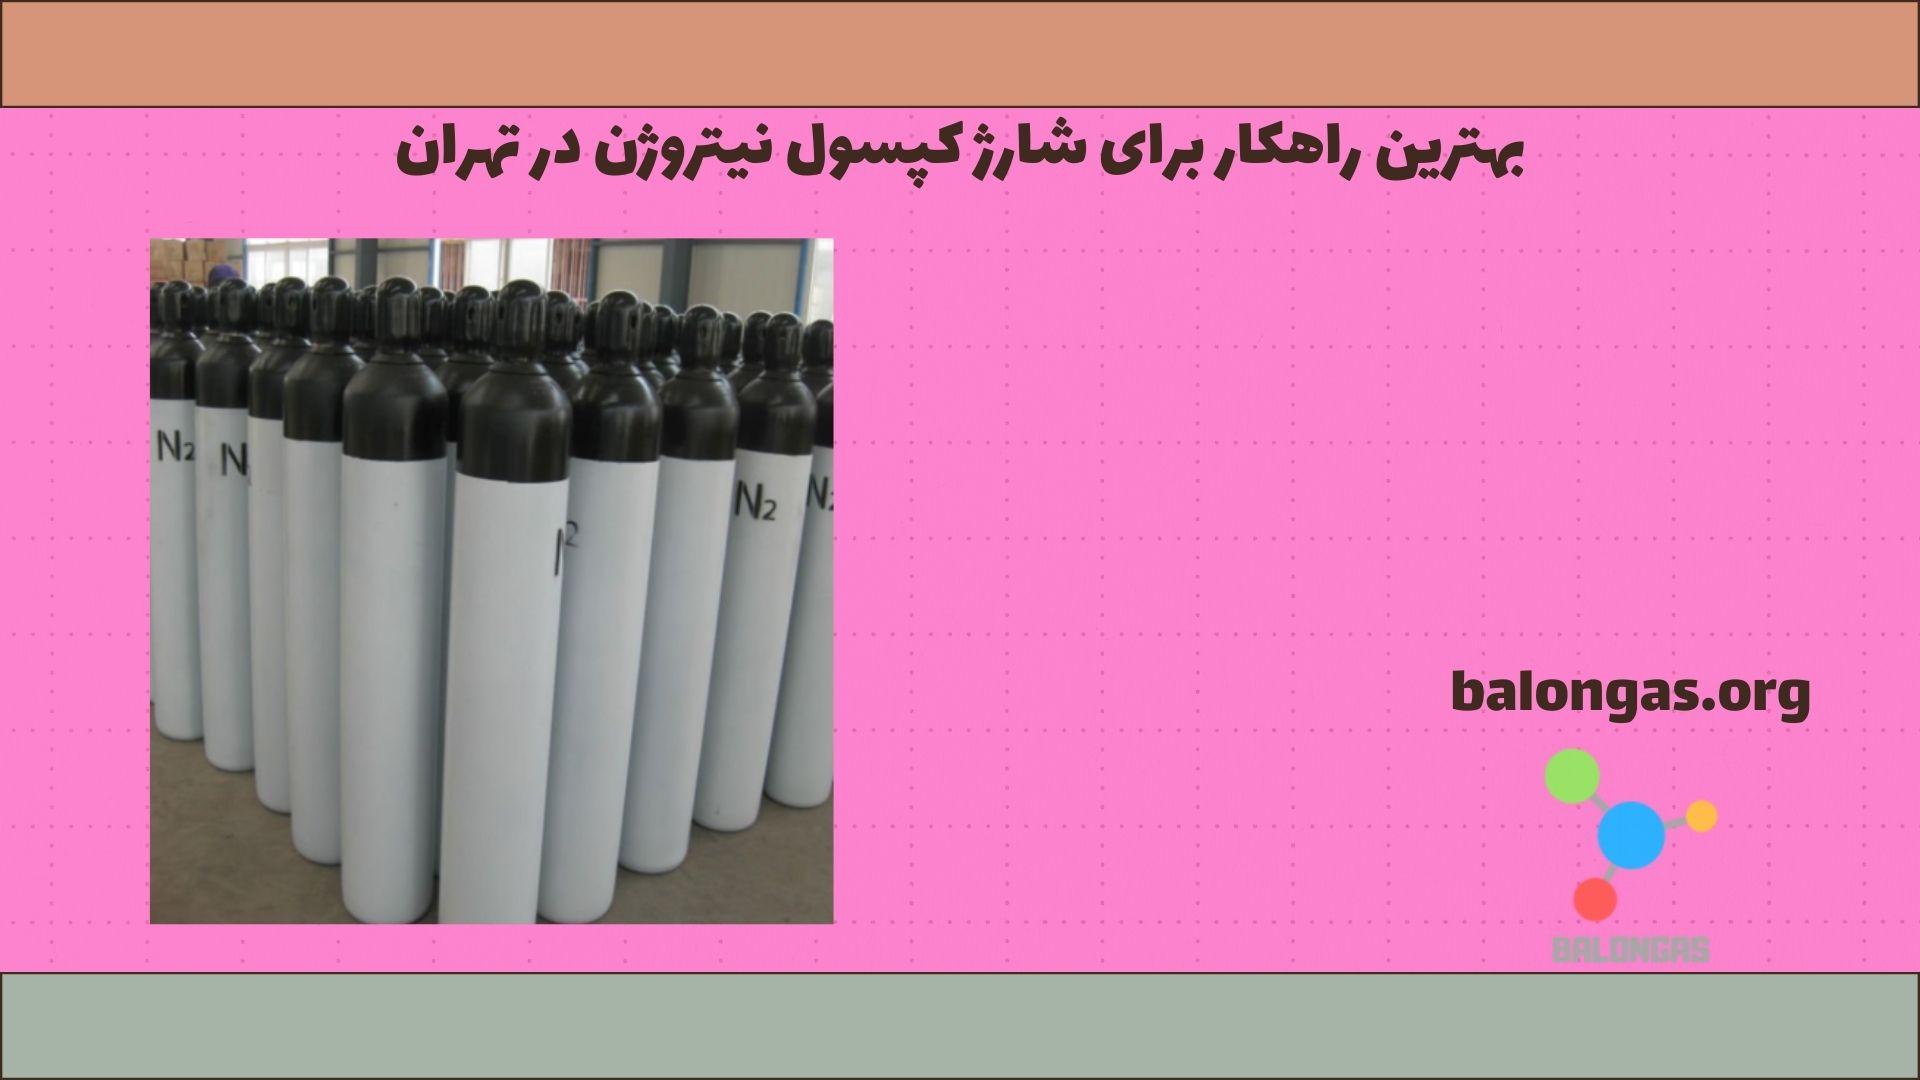 بهترین راهکار برای شارژ کپسول نیتروژن در تهران